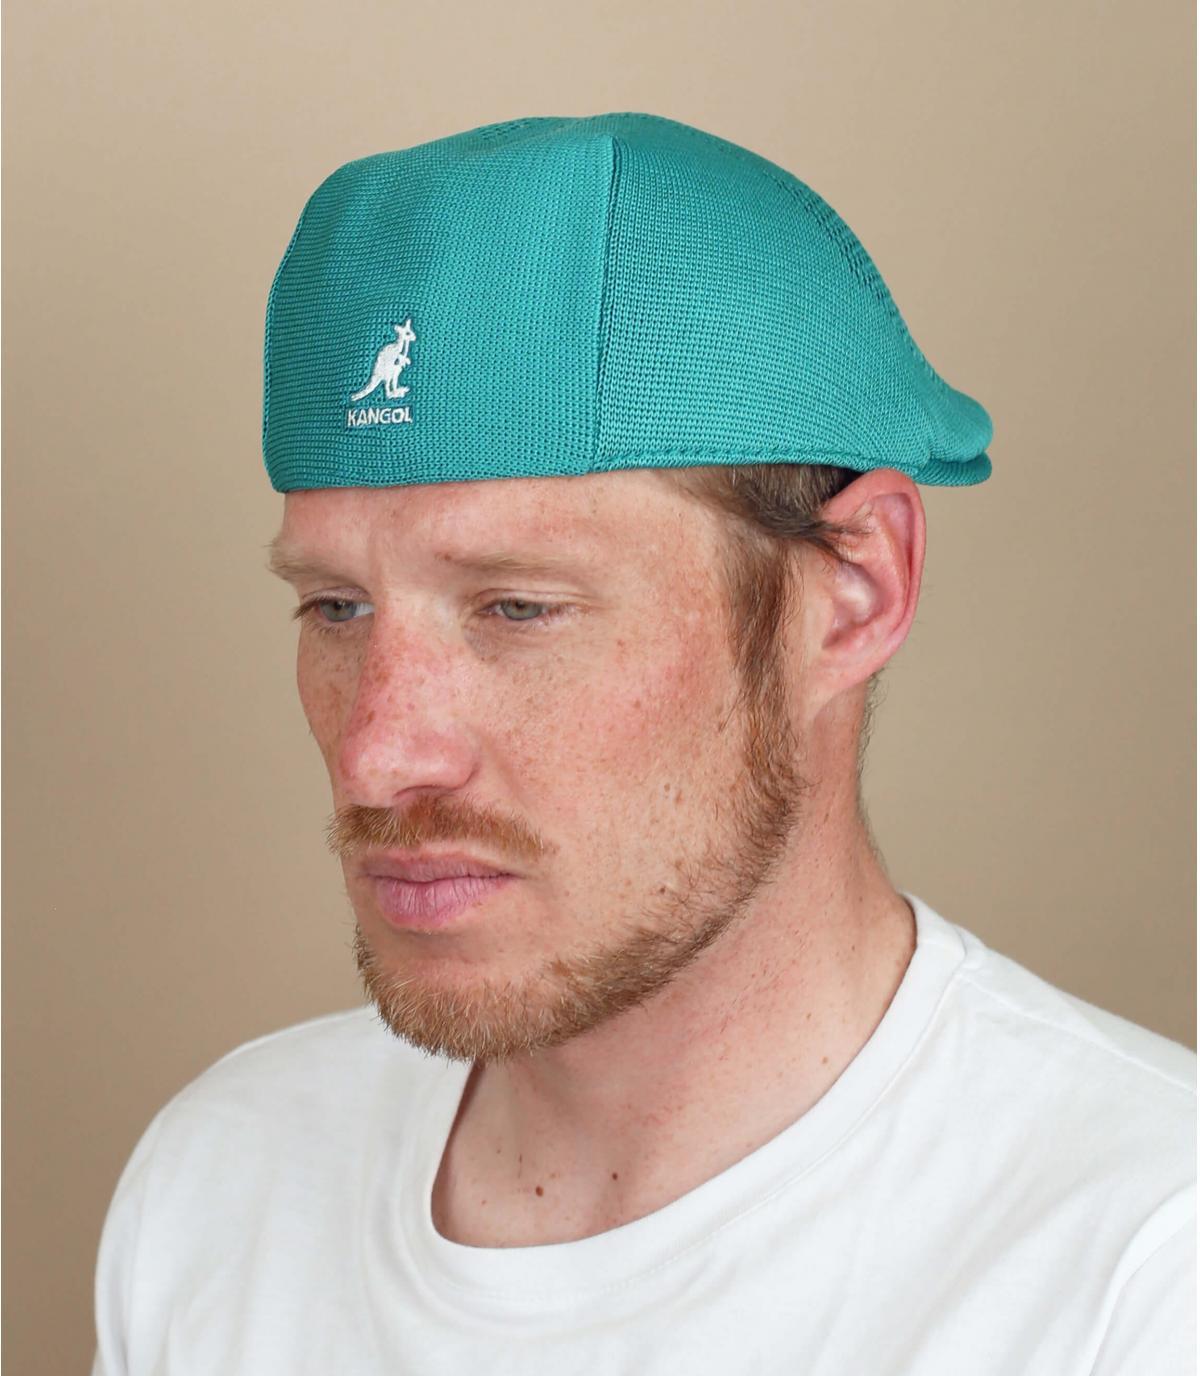 blue flat cap Kangol